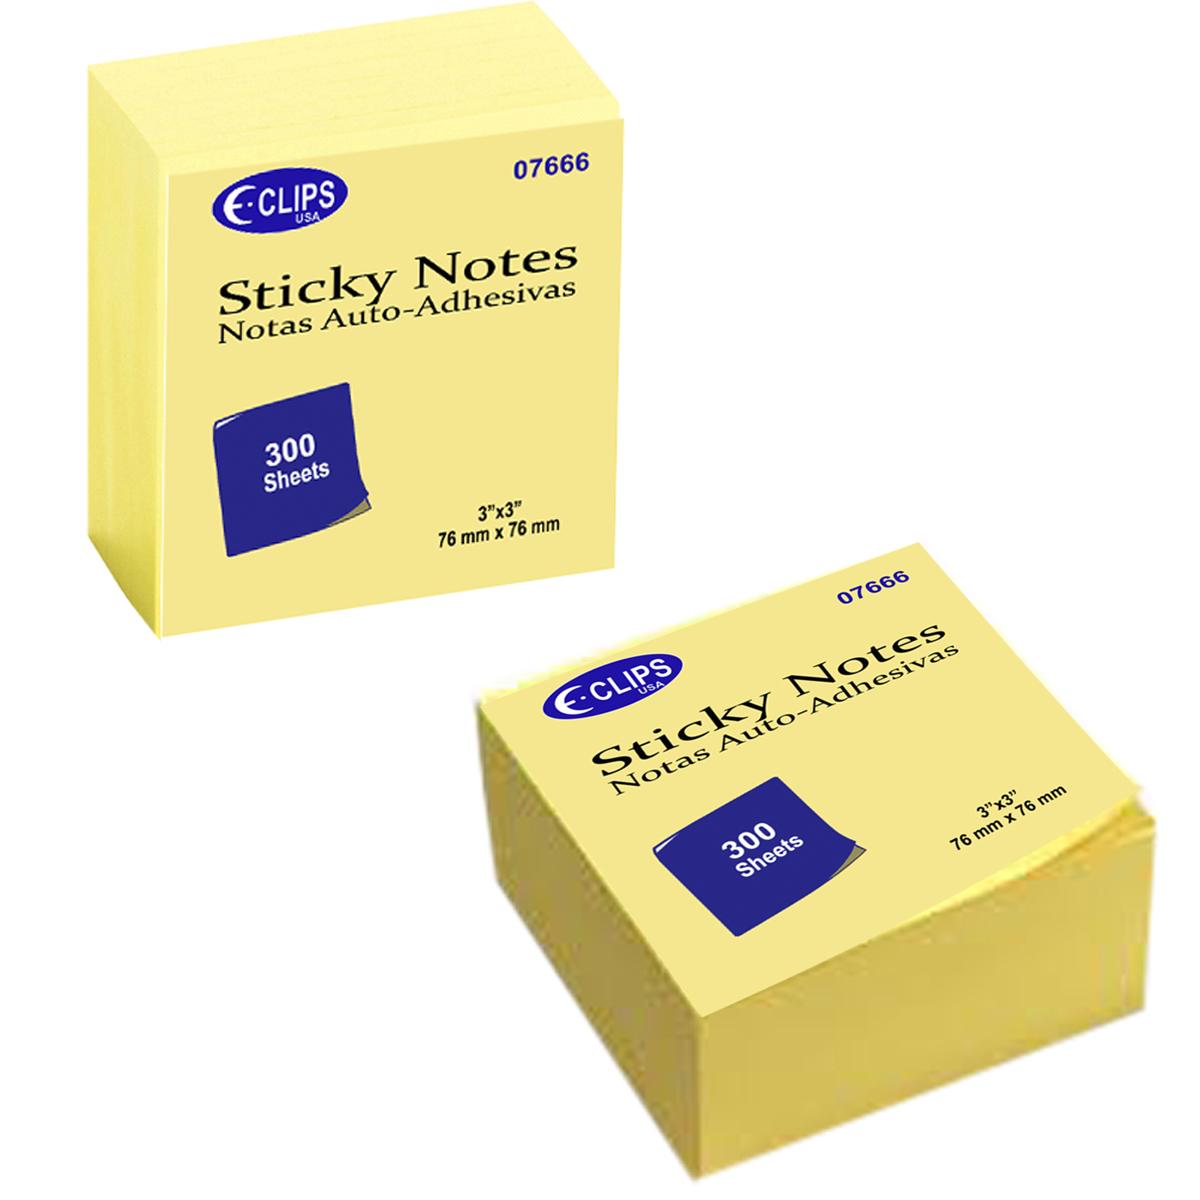 ''Sticky NOTE Pads 3'''' x 3'''' - 300 Sheets (1941229)''